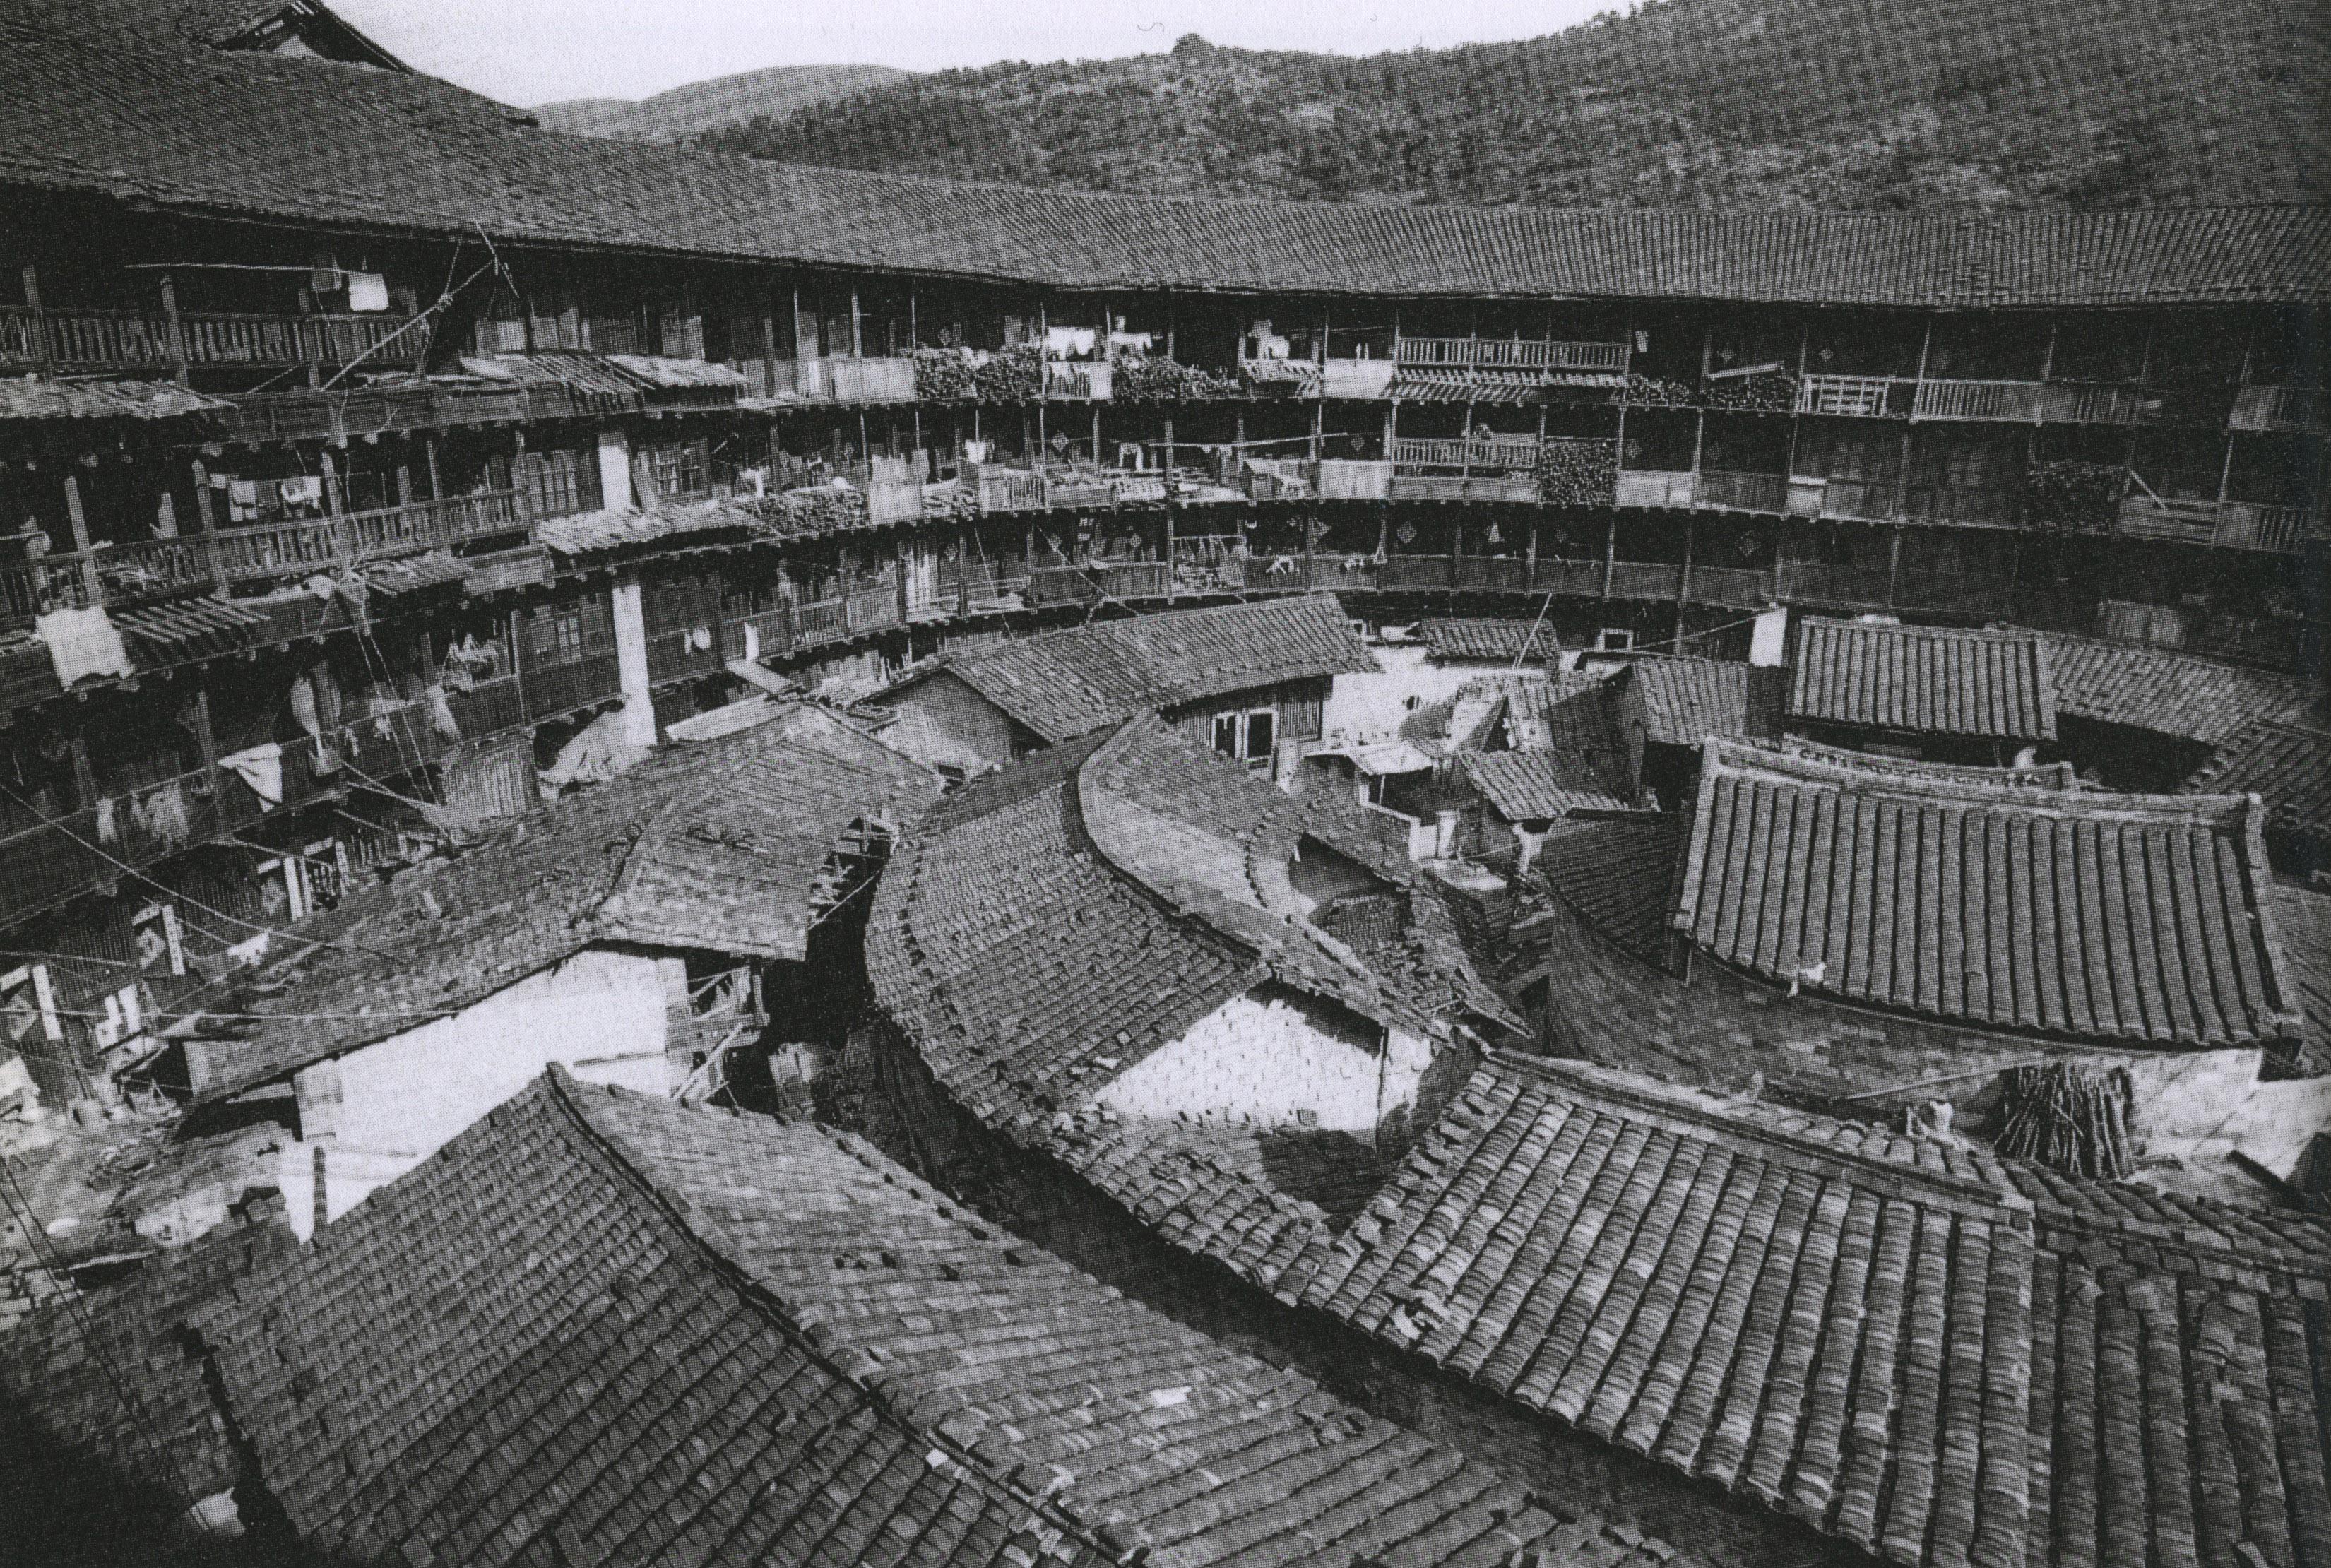 ettore sottsass_sgu-yang, chine, 1994_p122